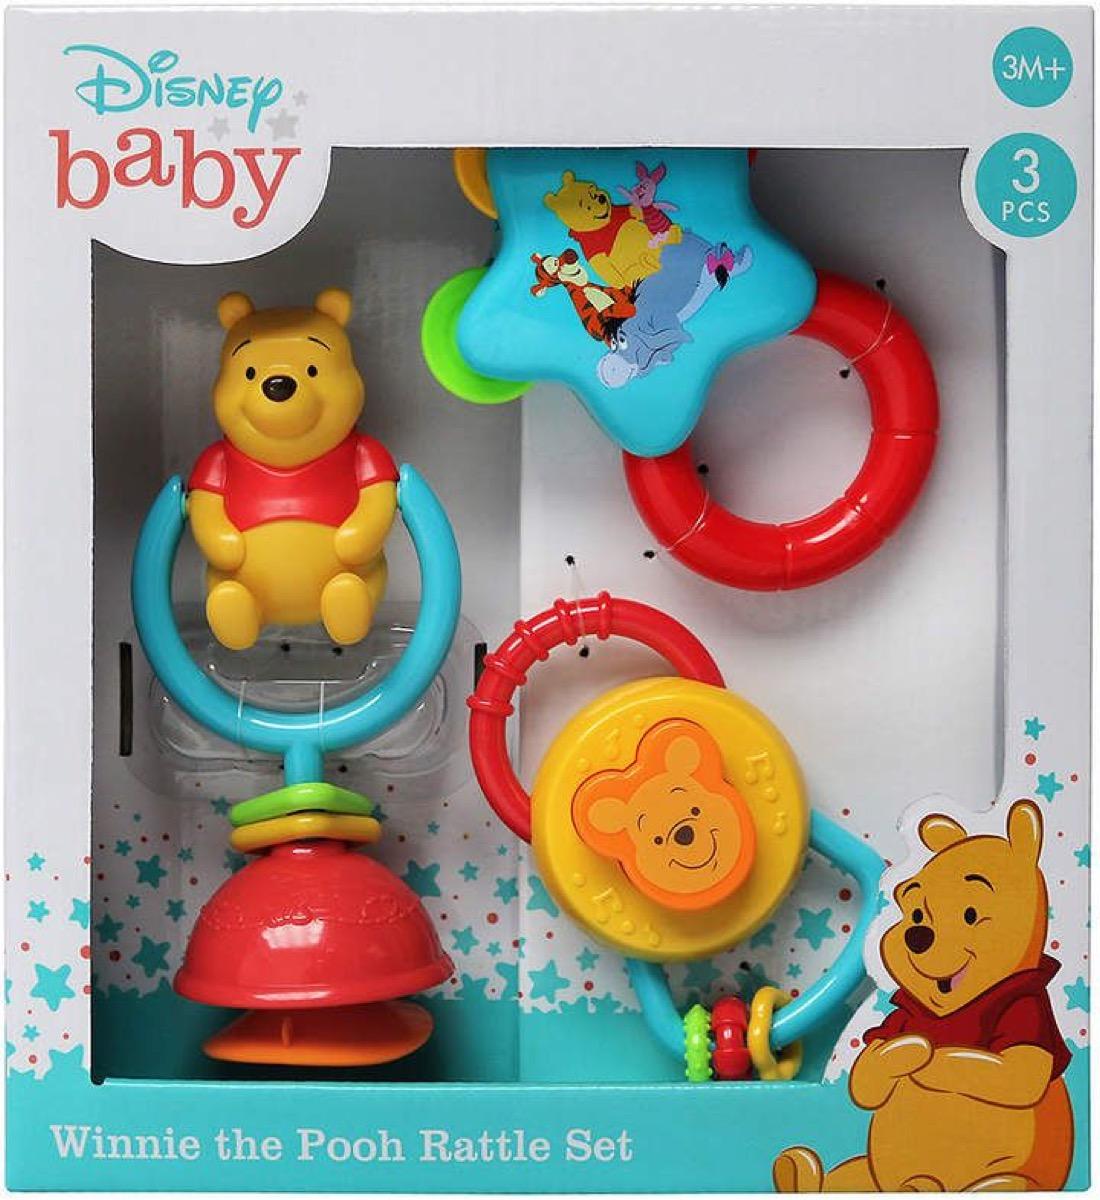 three winnie the pooh rattles in cardboard box